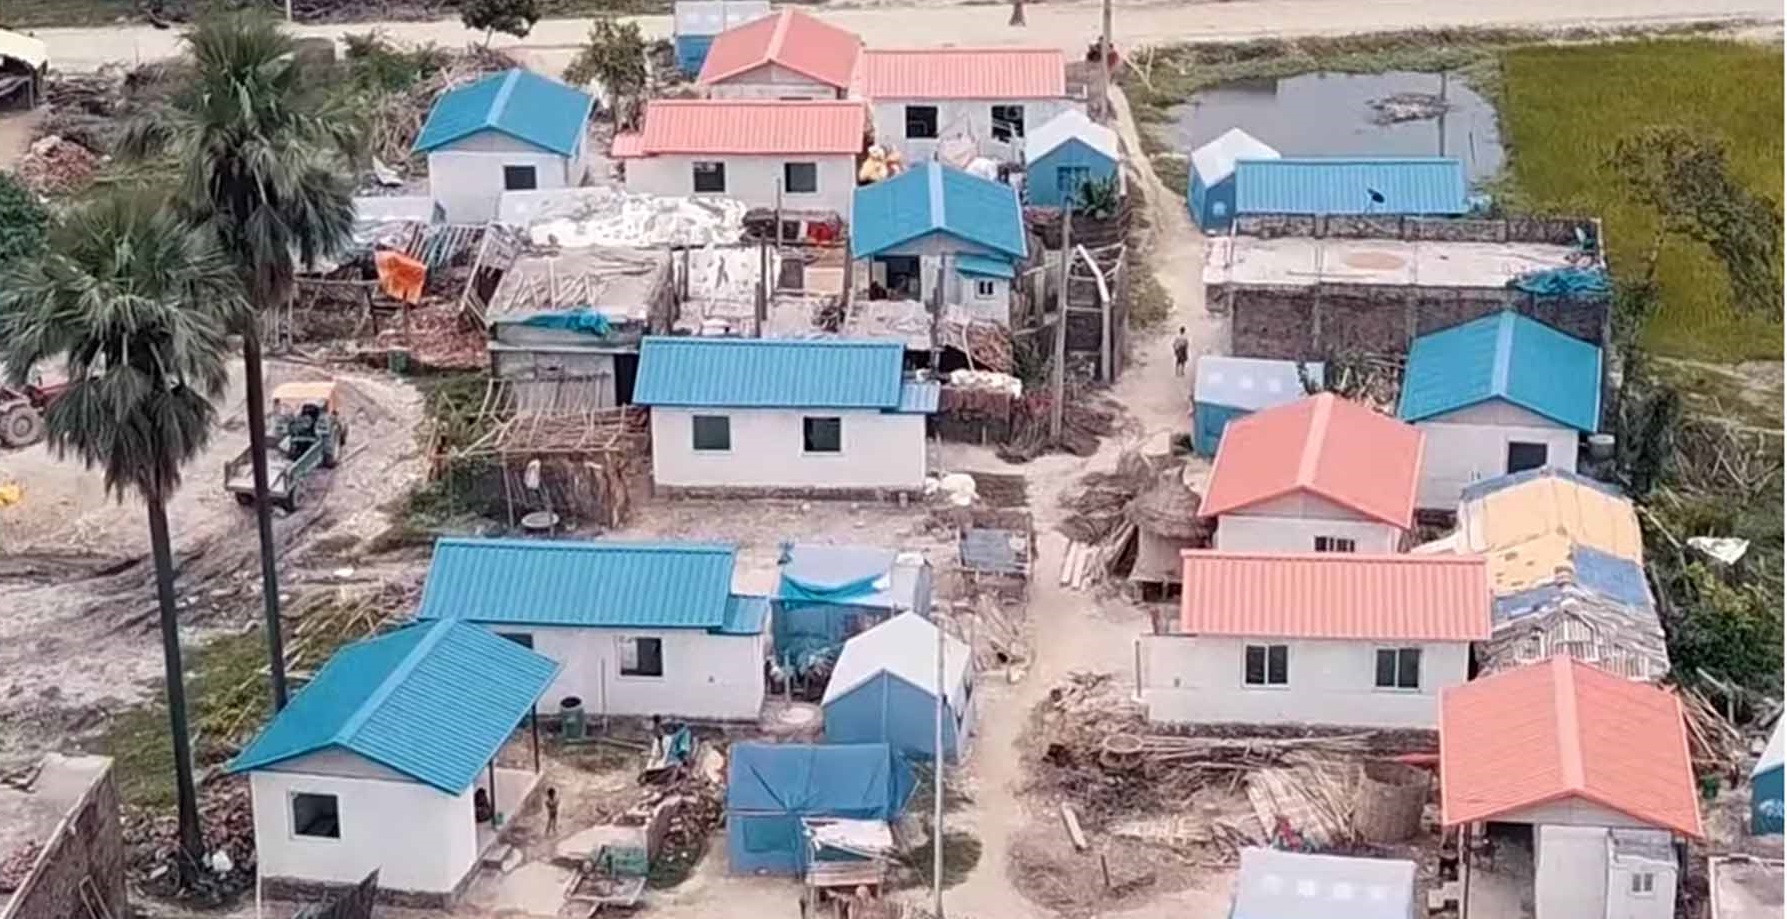 नेपाली सेनाले बनाएका घरहरू। तस्बिर: जंगी अड्डा